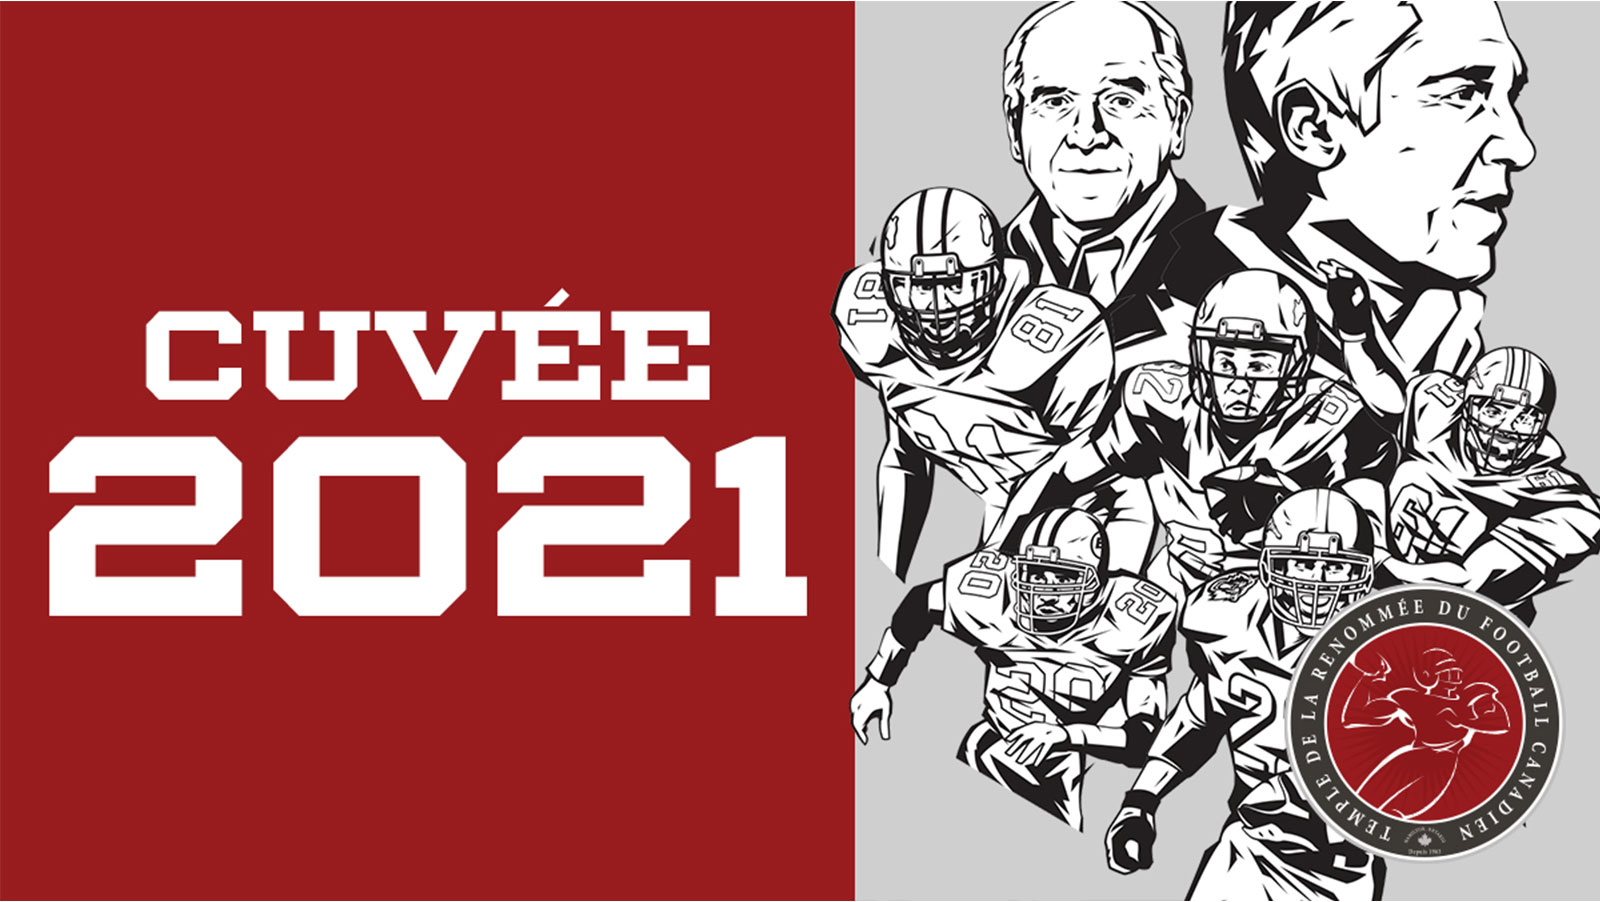 Le Temple de la renommée du football canadien accueillera sept nouveaux membres